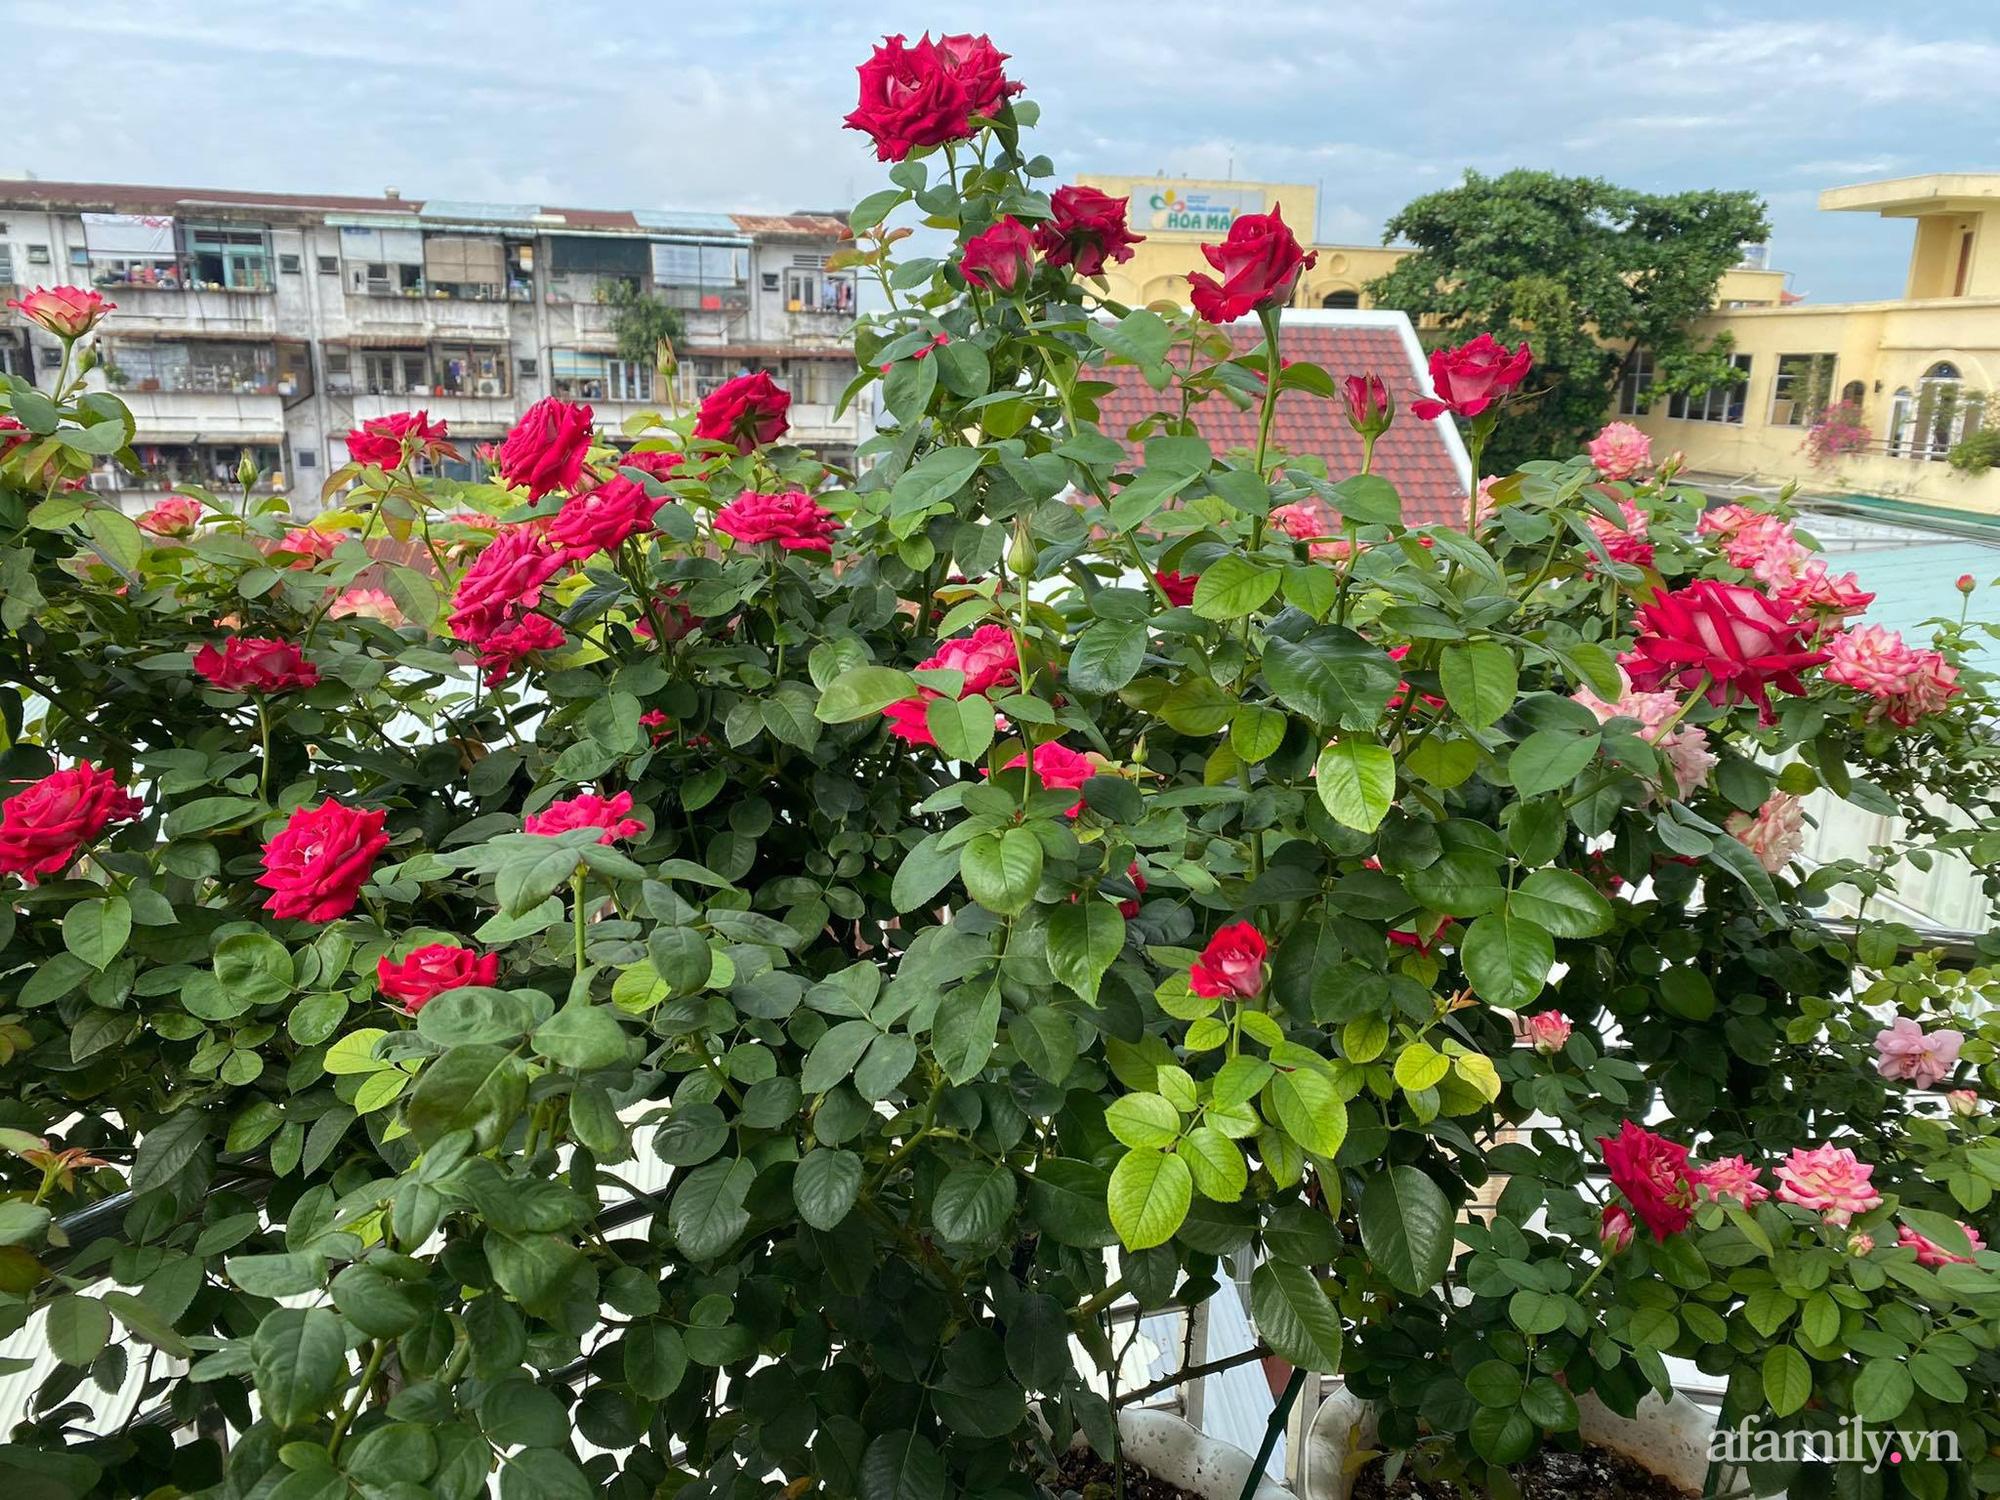 Sân thượng phủ kín hoa hồng và rau quả sạch ở Sài Gòn của Hoa hậu Janny Thủy Trần - ảnh 3